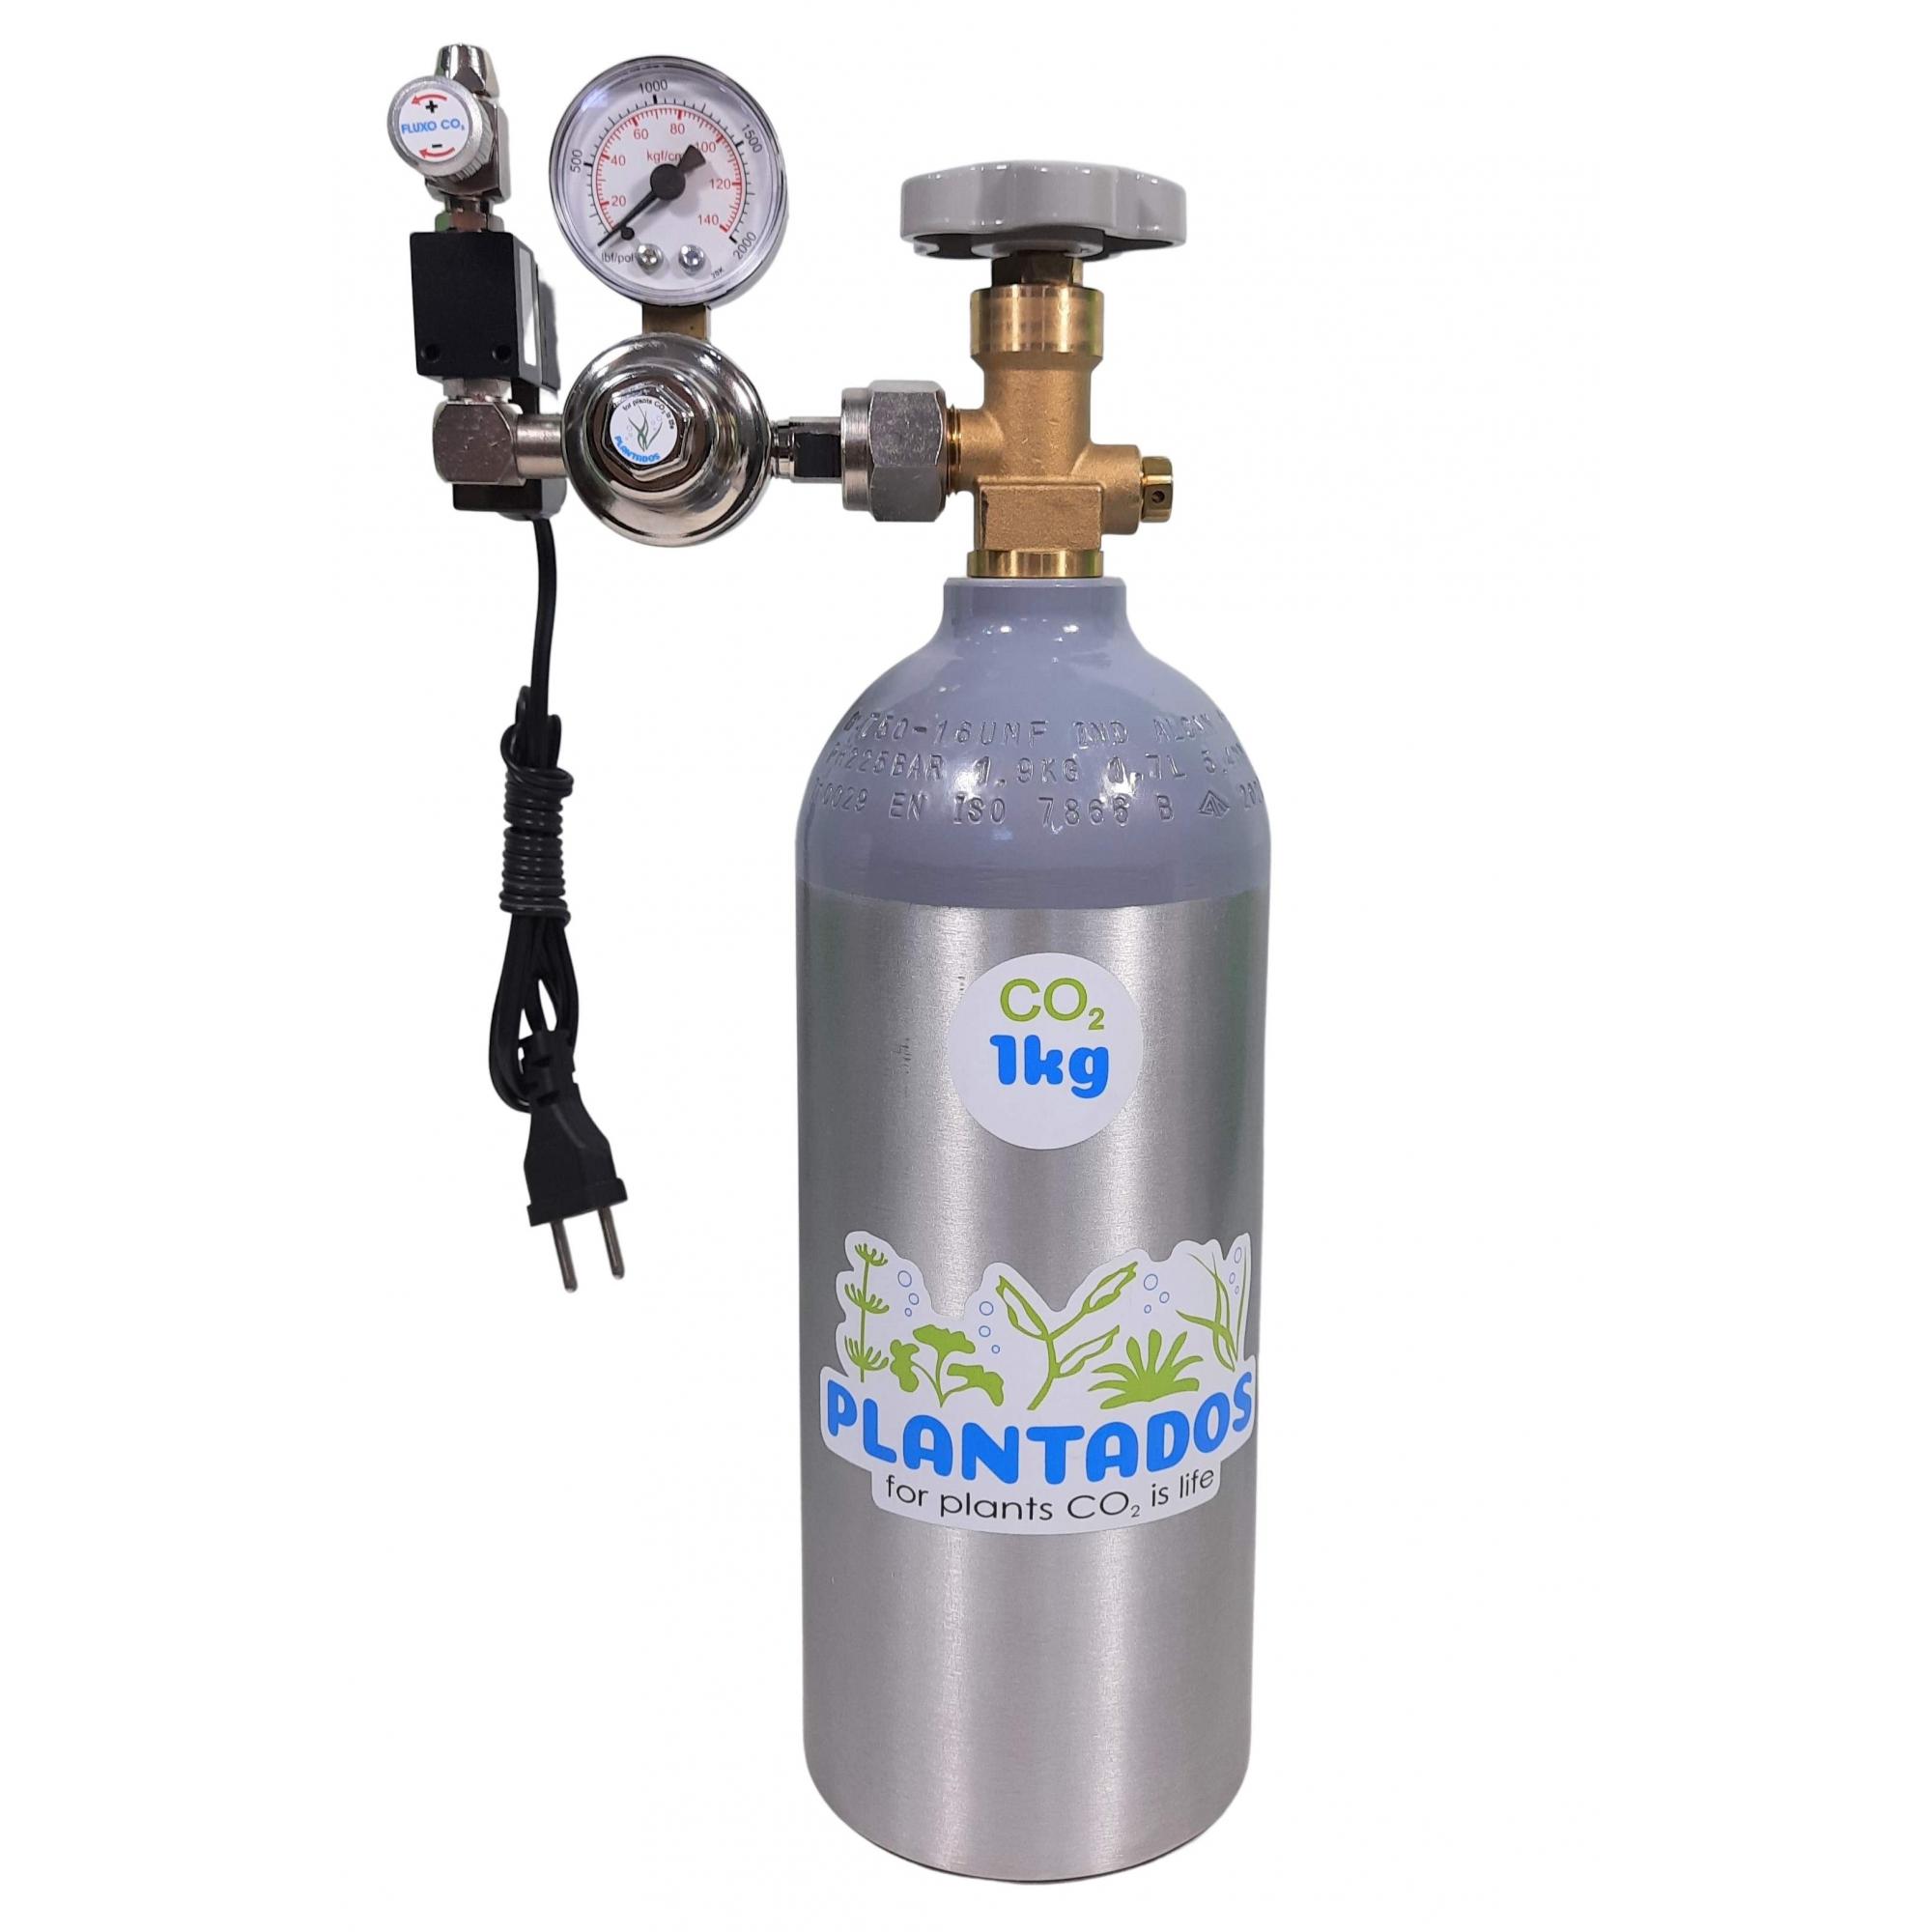 Kit CO2 c/ cilindro de alumínio 1kg e 1 saída p/ aquário